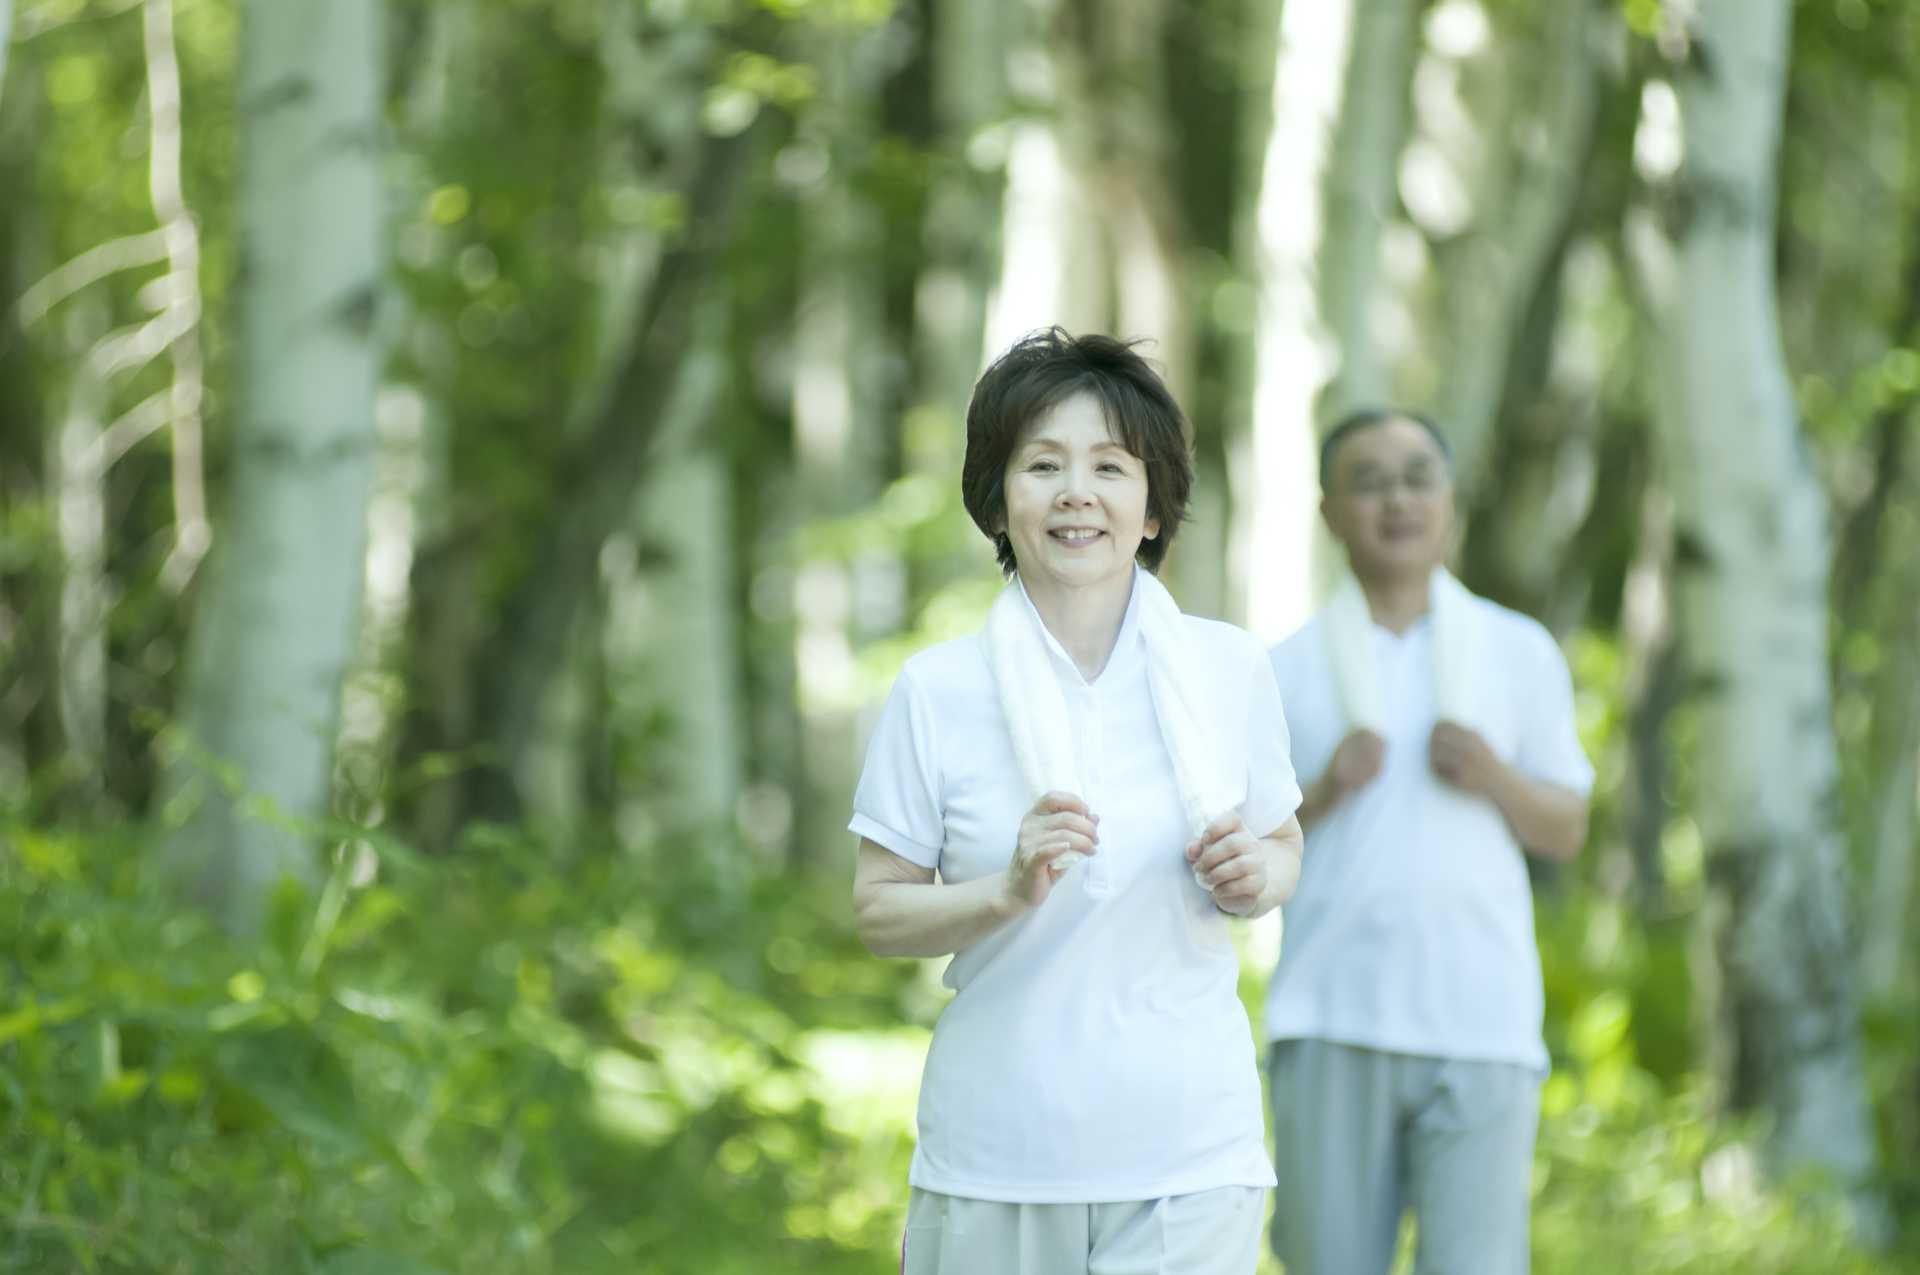 「たった3分だけ歩こう」そう思うほうが始めやすい。 | 健康のためになる30の散歩術